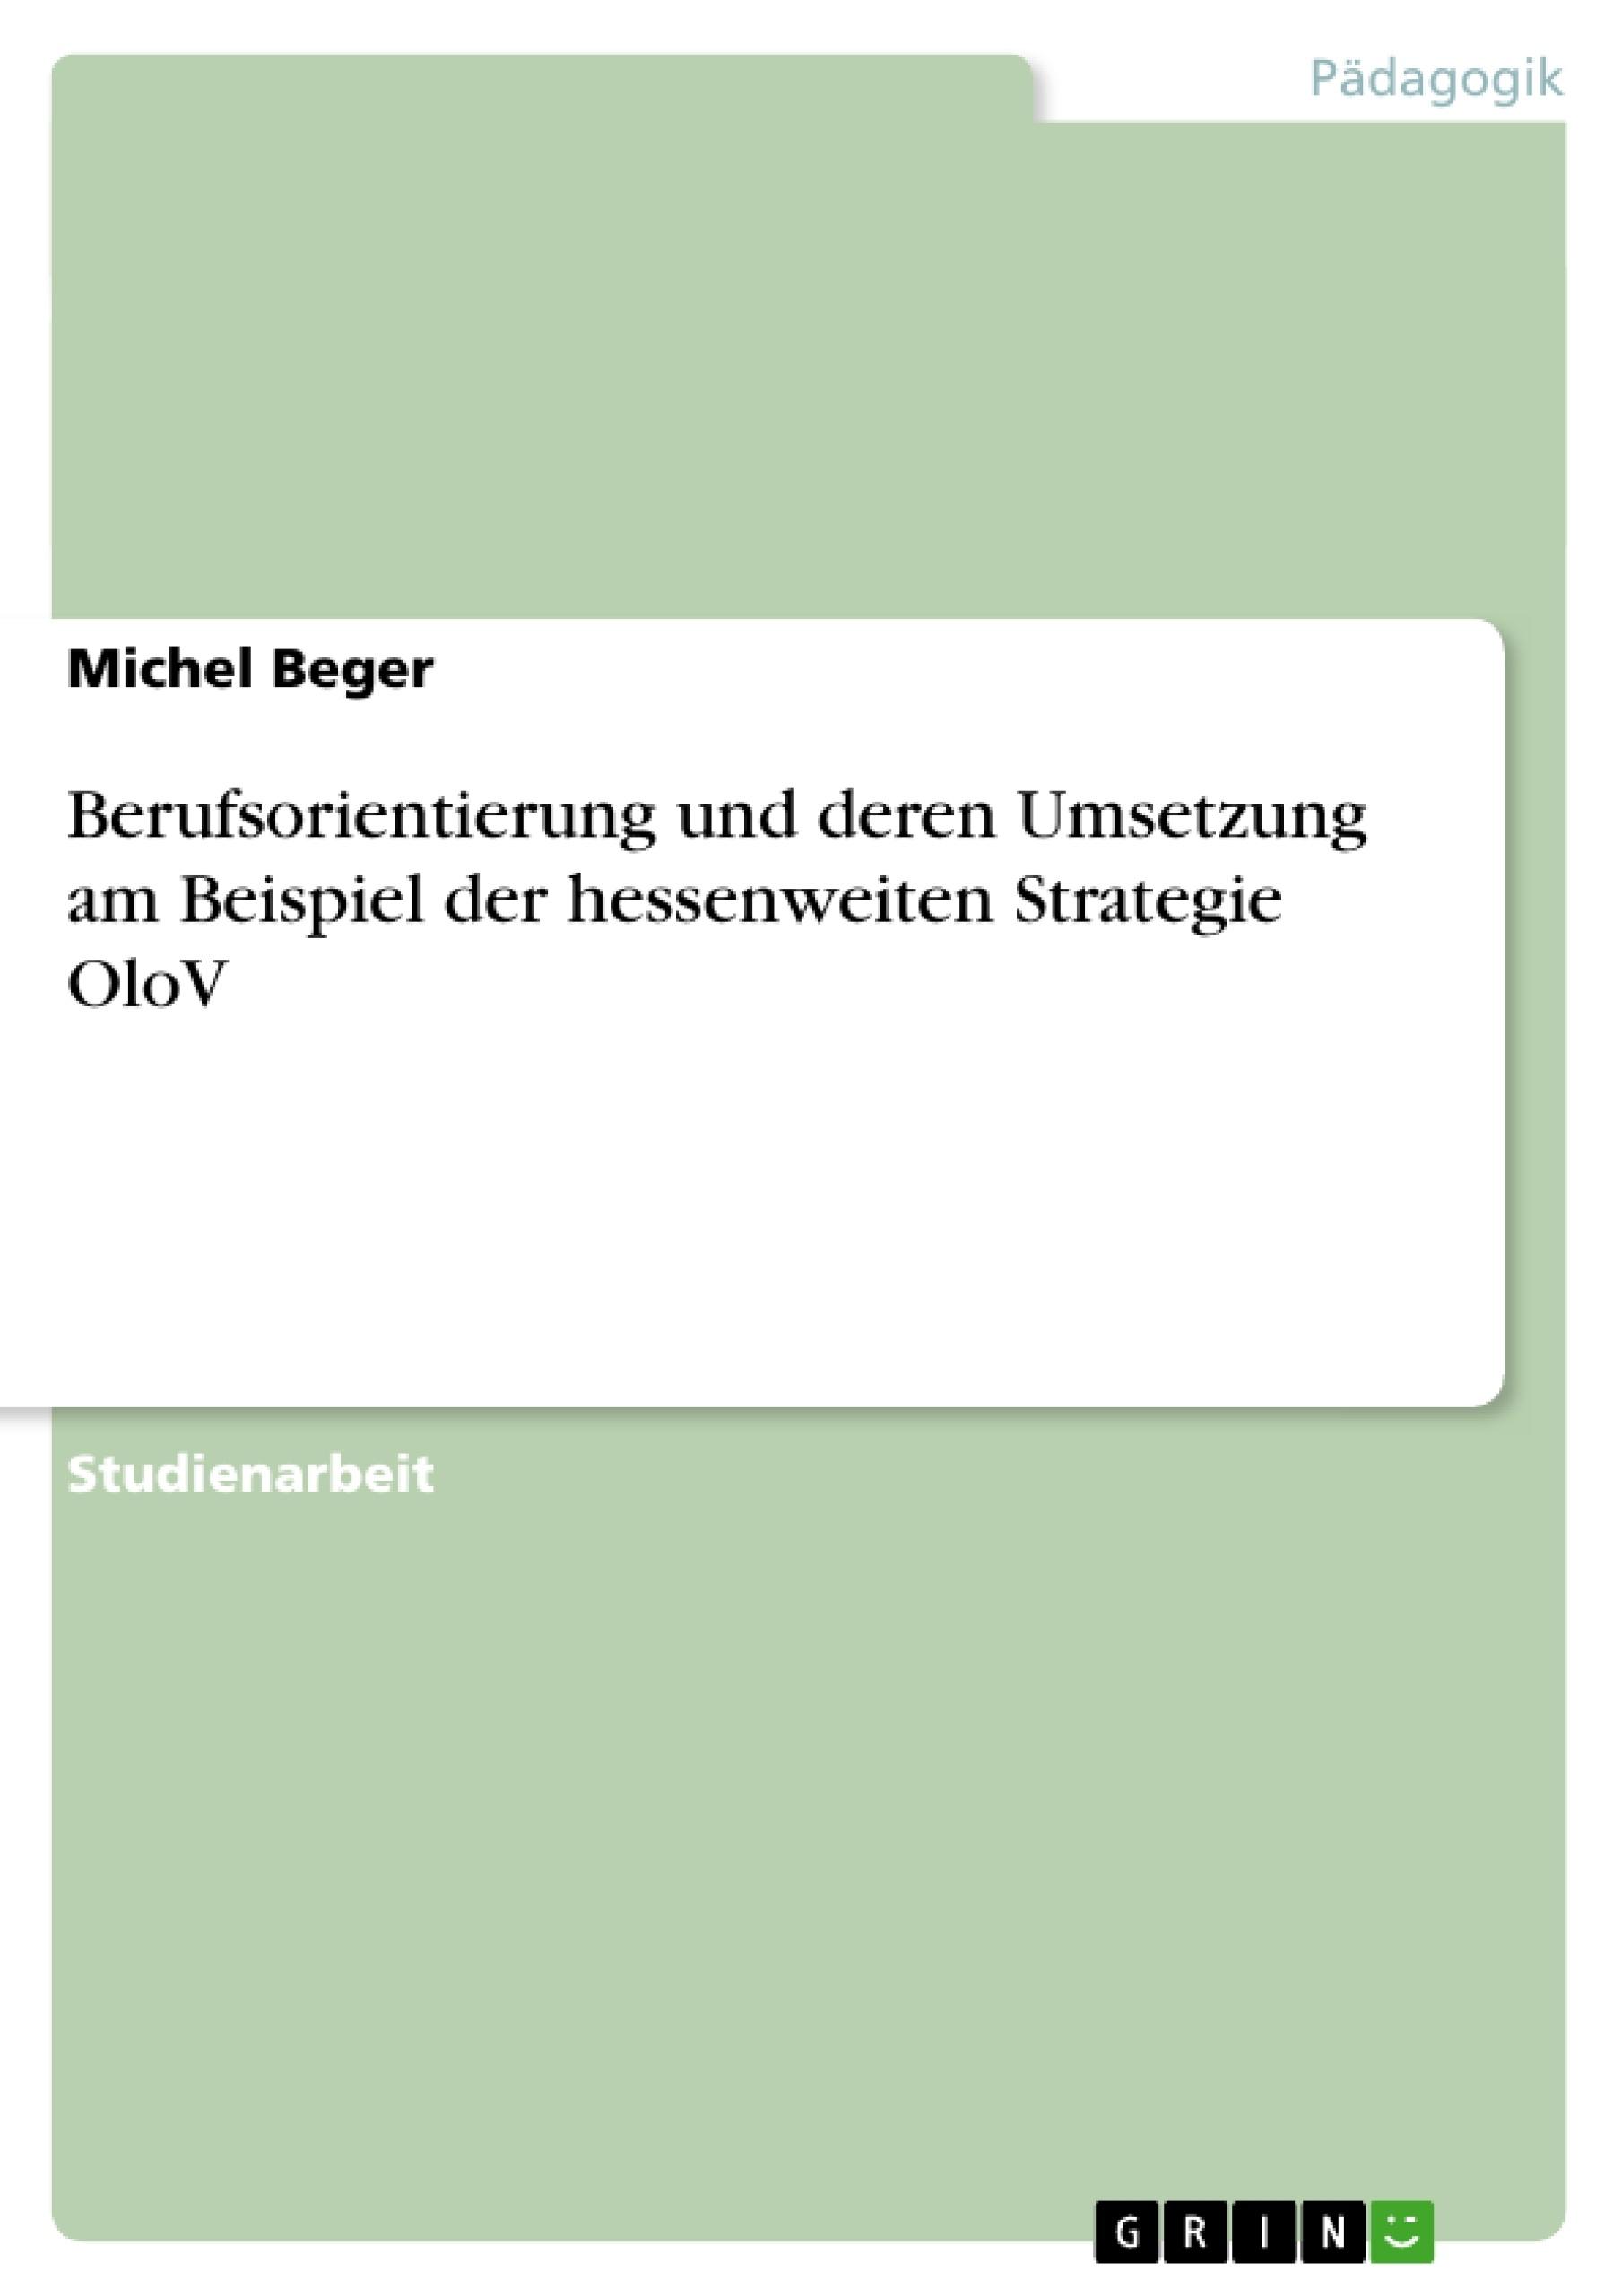 Titel: Berufsorientierung und deren Umsetzung am Beispiel der hessenweiten Strategie OloV